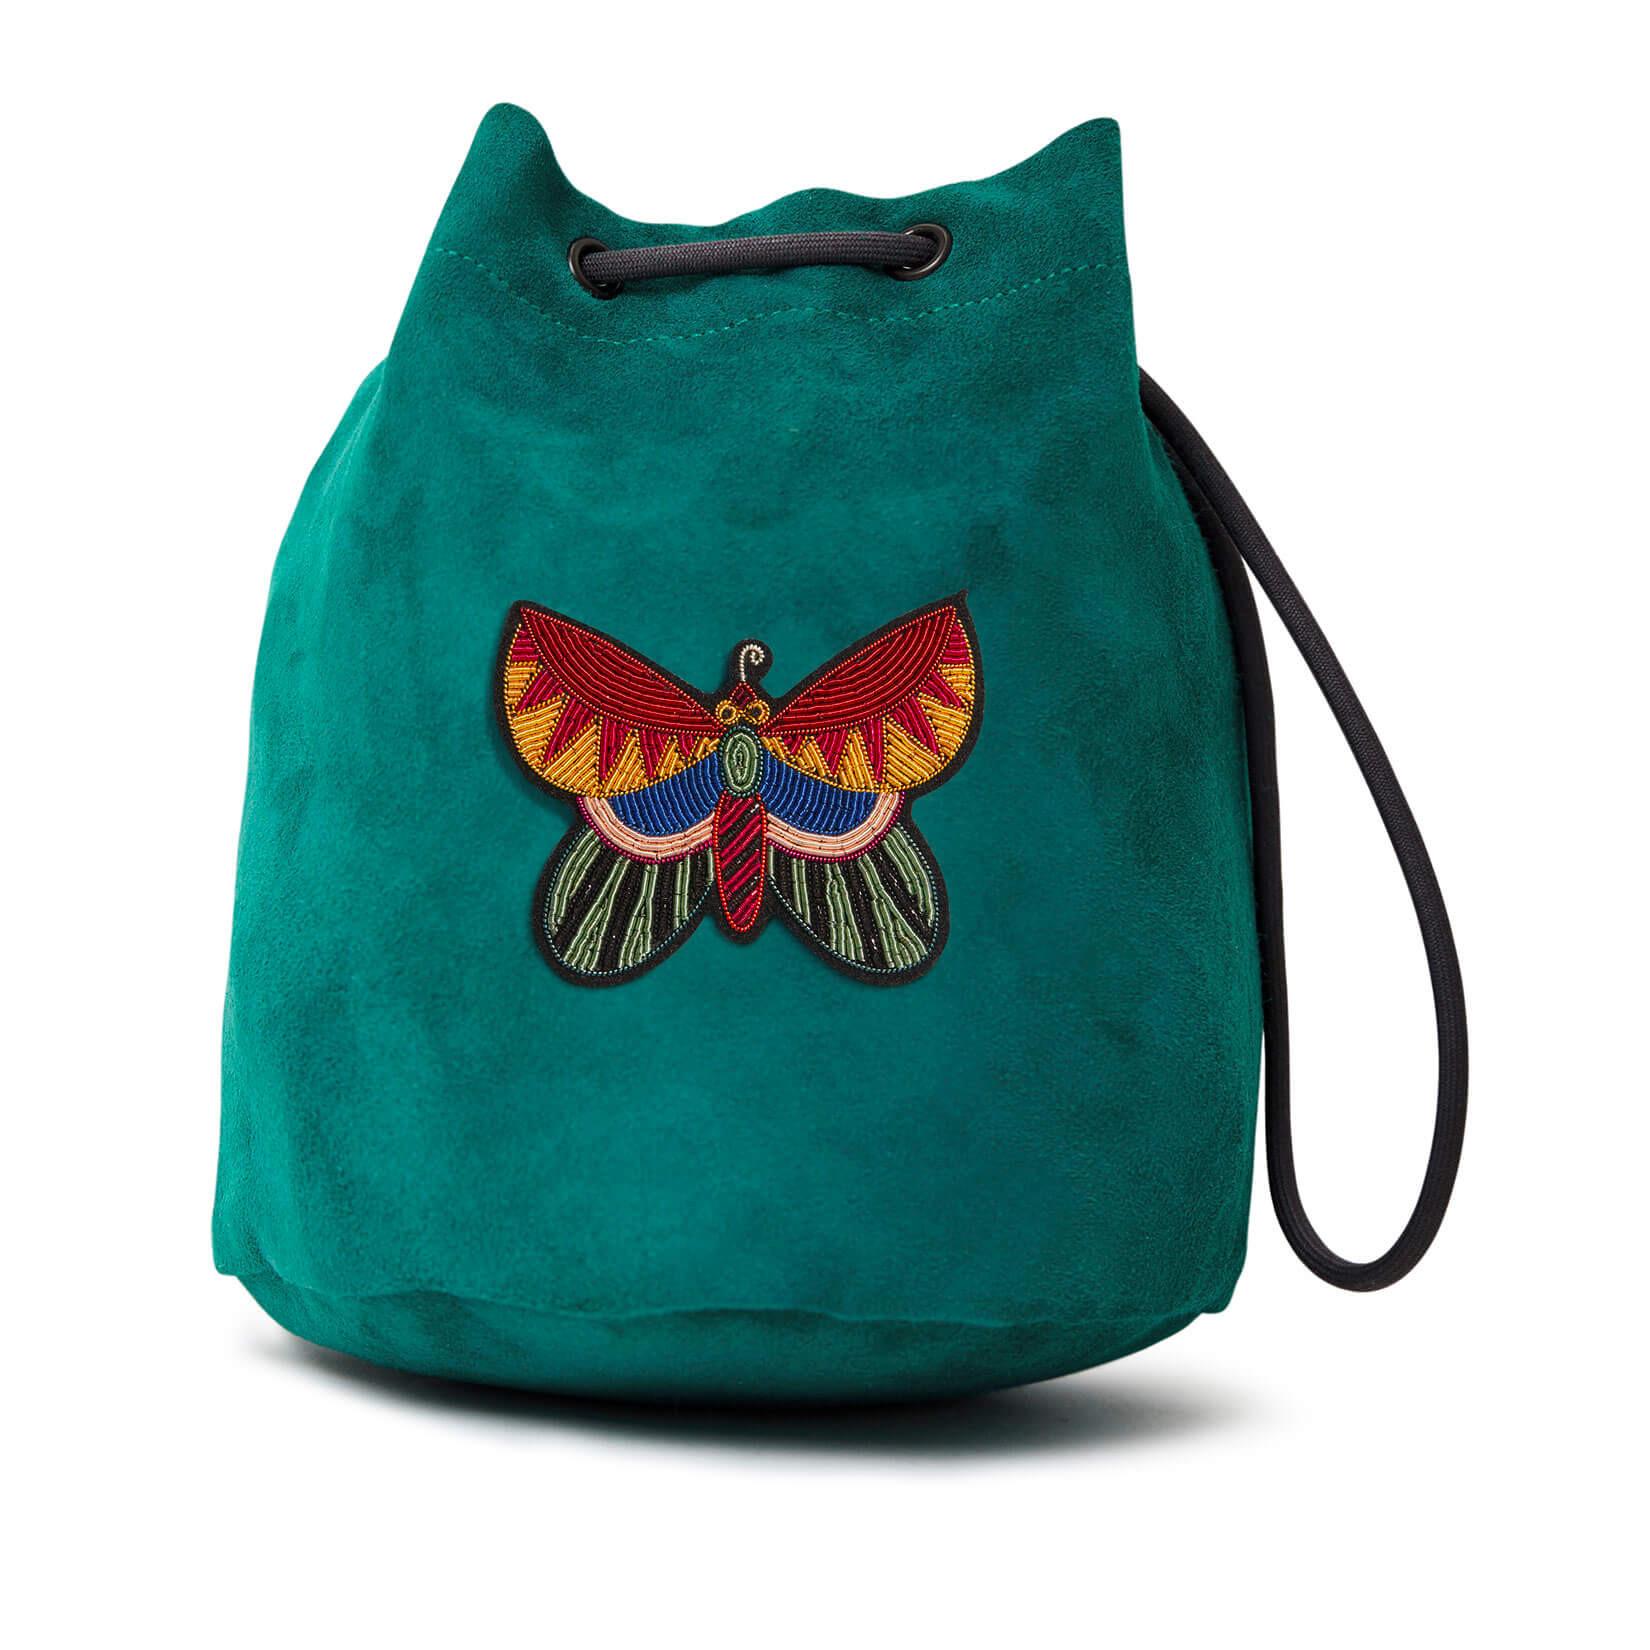 印度丝手工刺绣蝴蝶背包,蝴蝶被鸭绿吸引无论是单独还是在社交场合当地小酒馆。